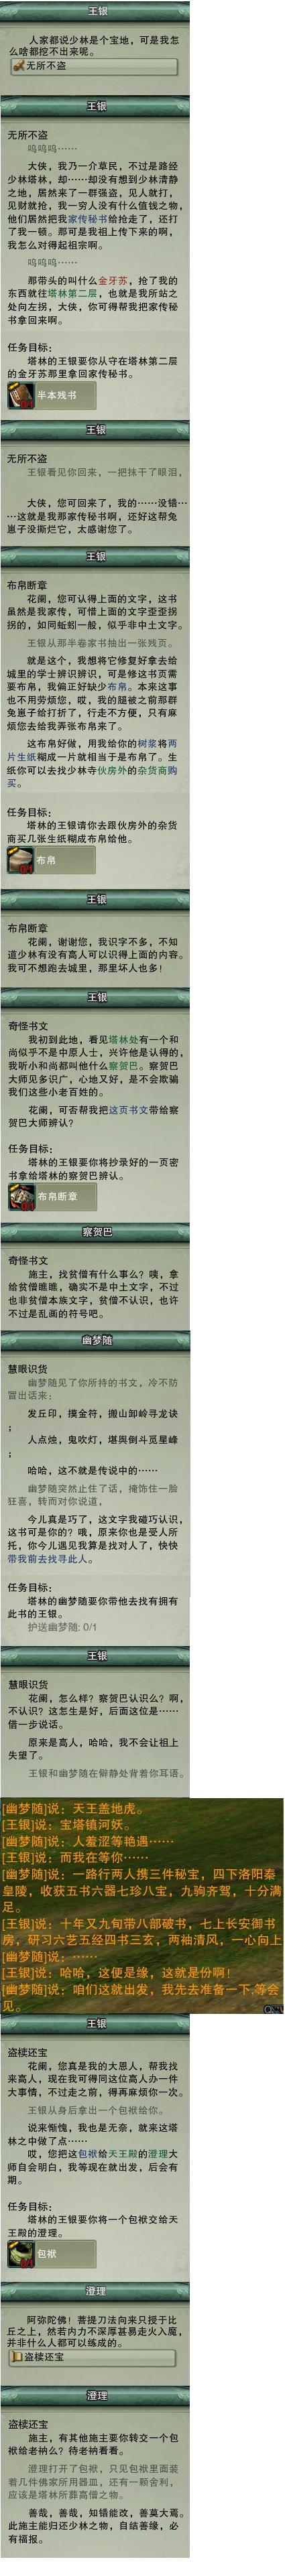 非少林弟子任务03 - 塔林 - 王银还舍利.jpg